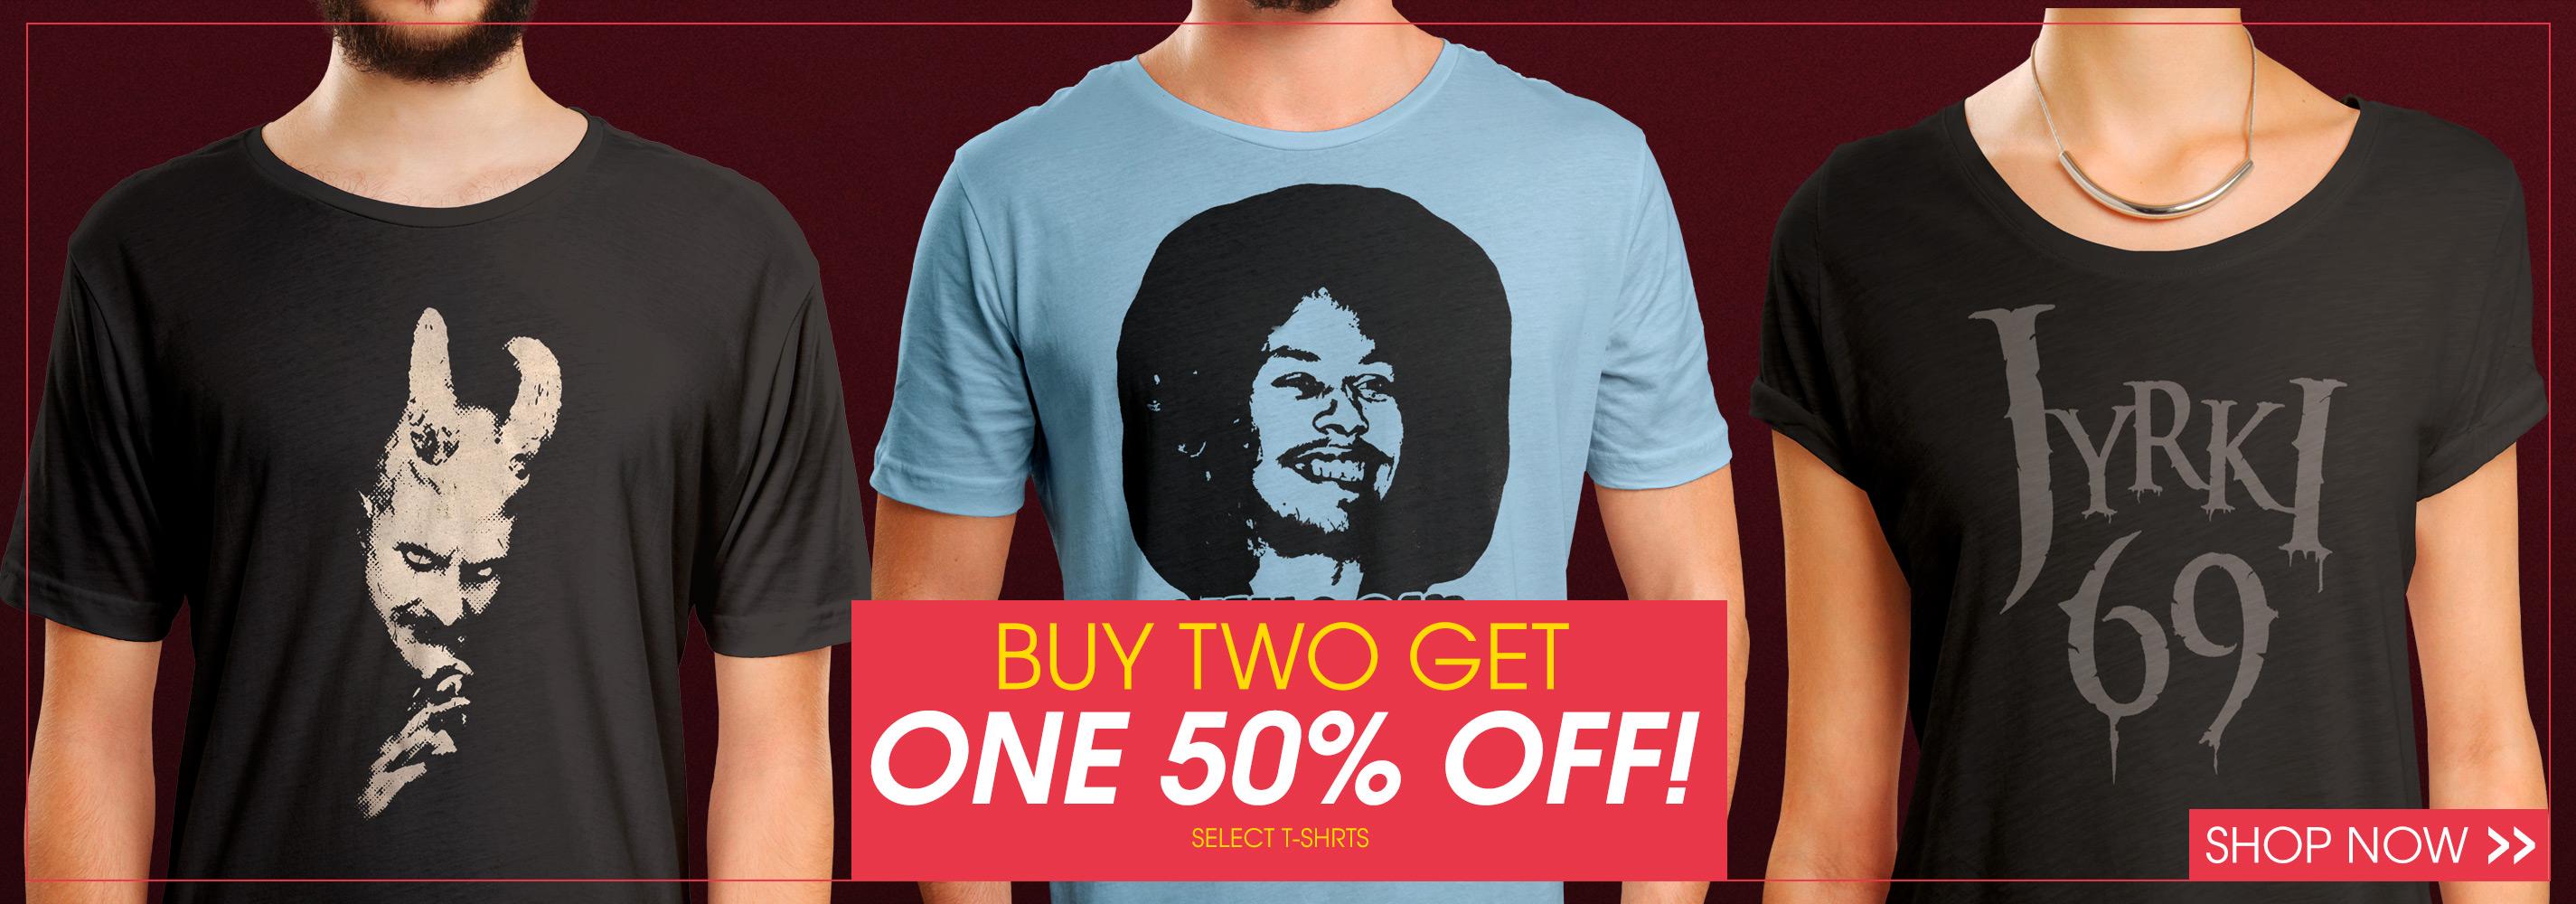 Cleopatra Shirts